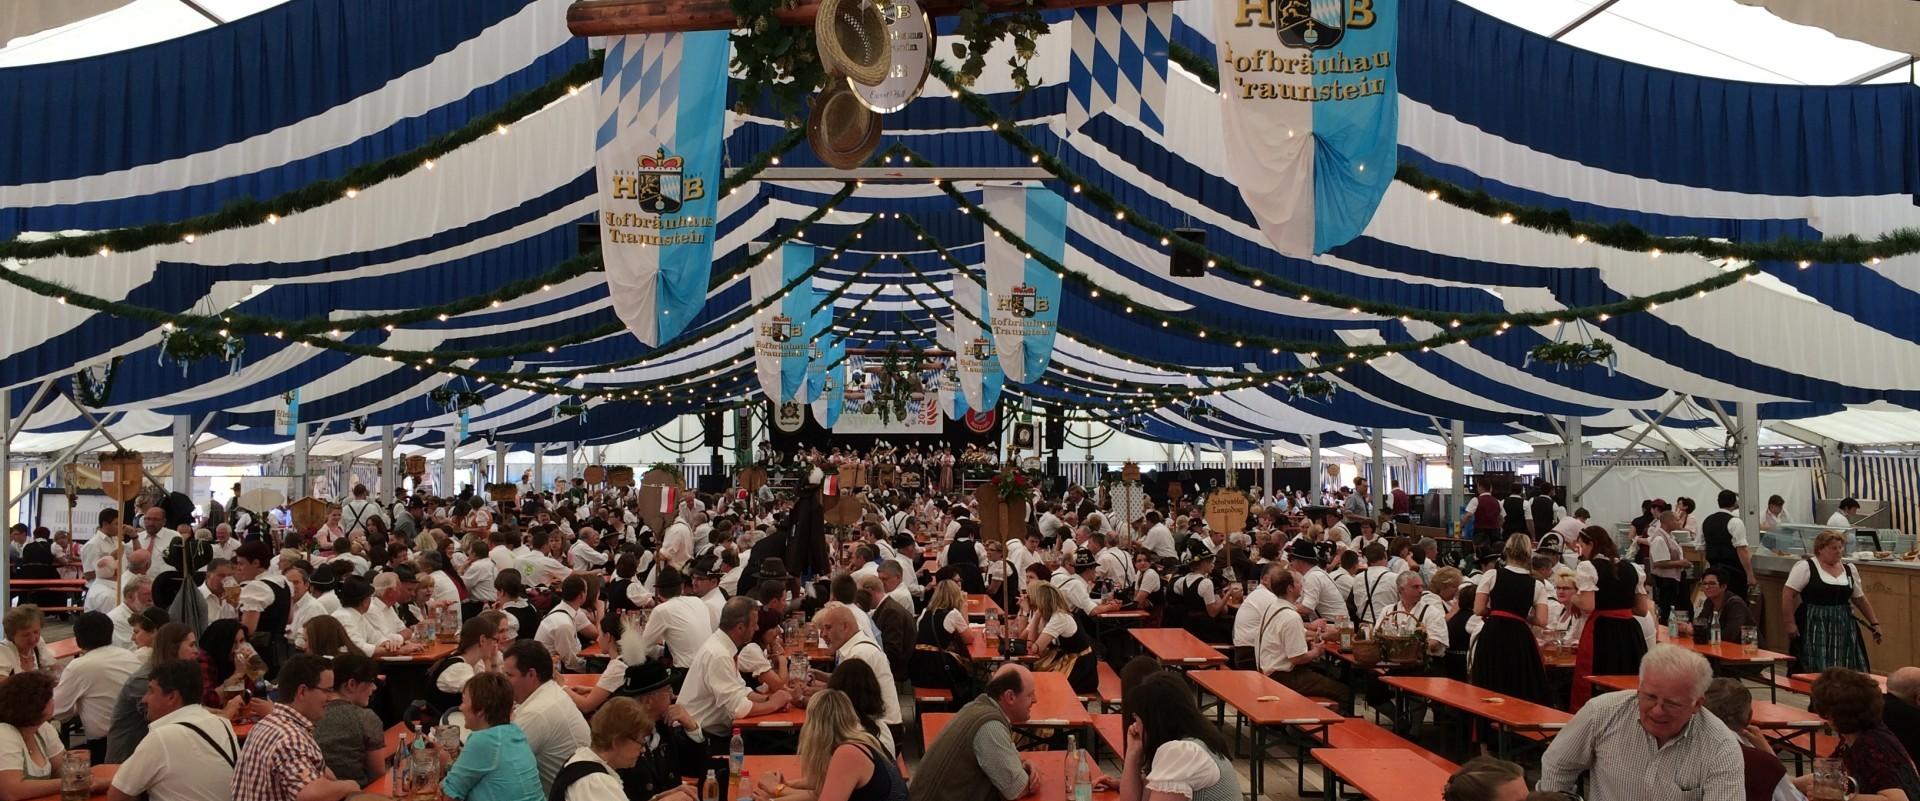 """Festzelt der SG """"Zur Heimat"""" Matzing am Festsonntag 2014"""